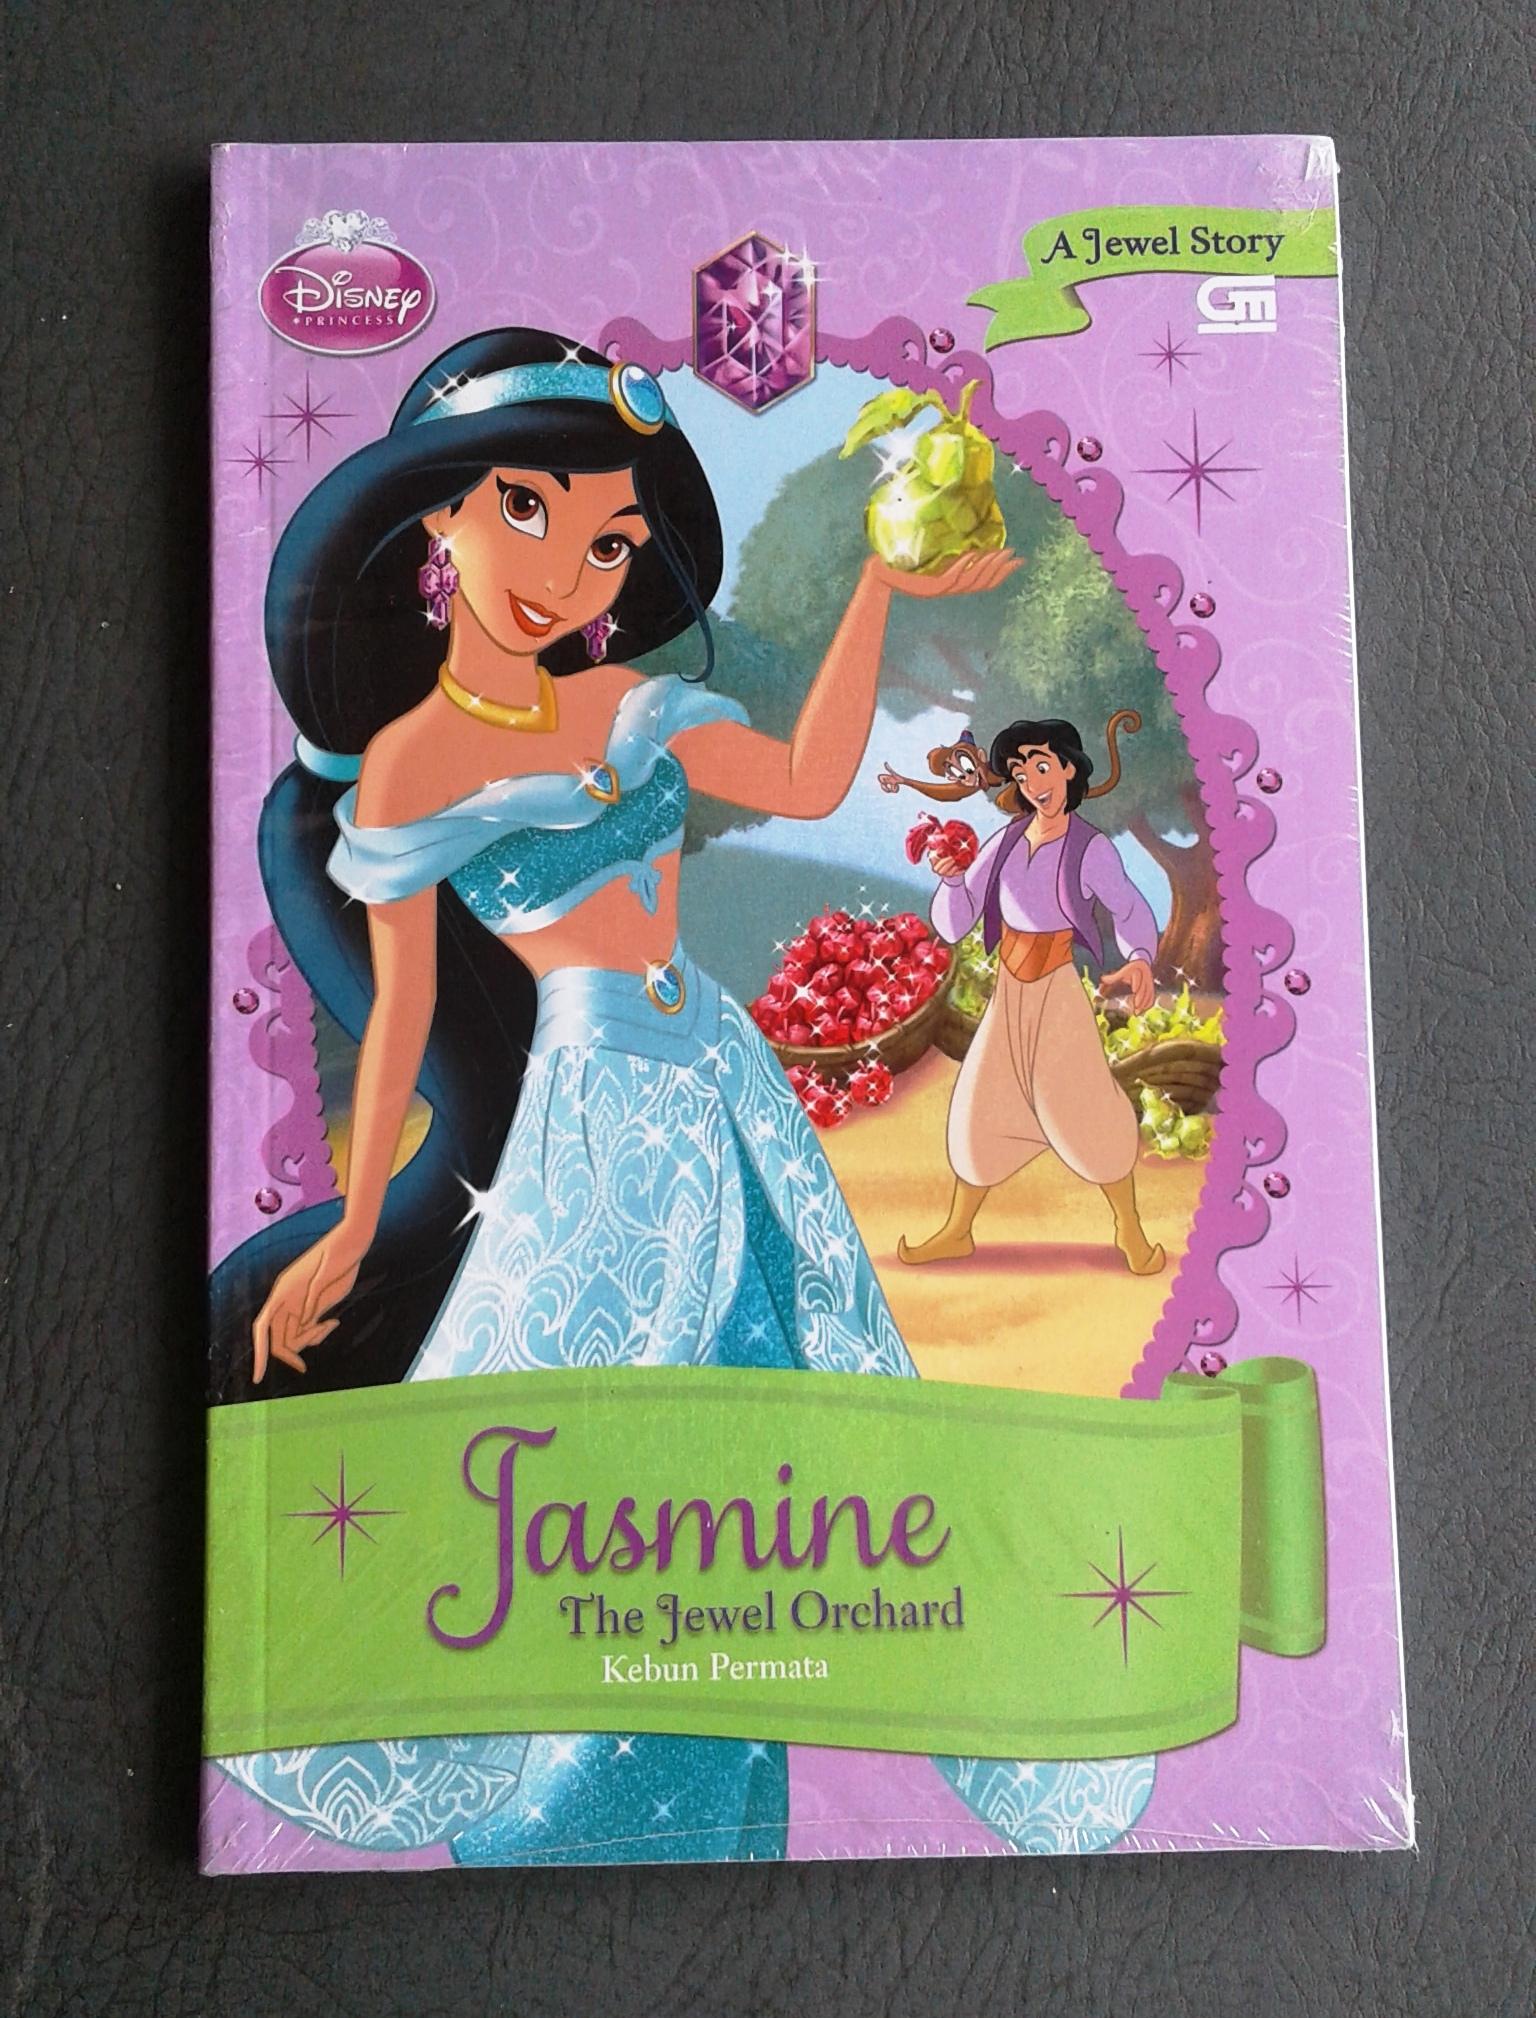 SALE! Buku Cerita Disney Princess Jasmine-The Jewel Orchard